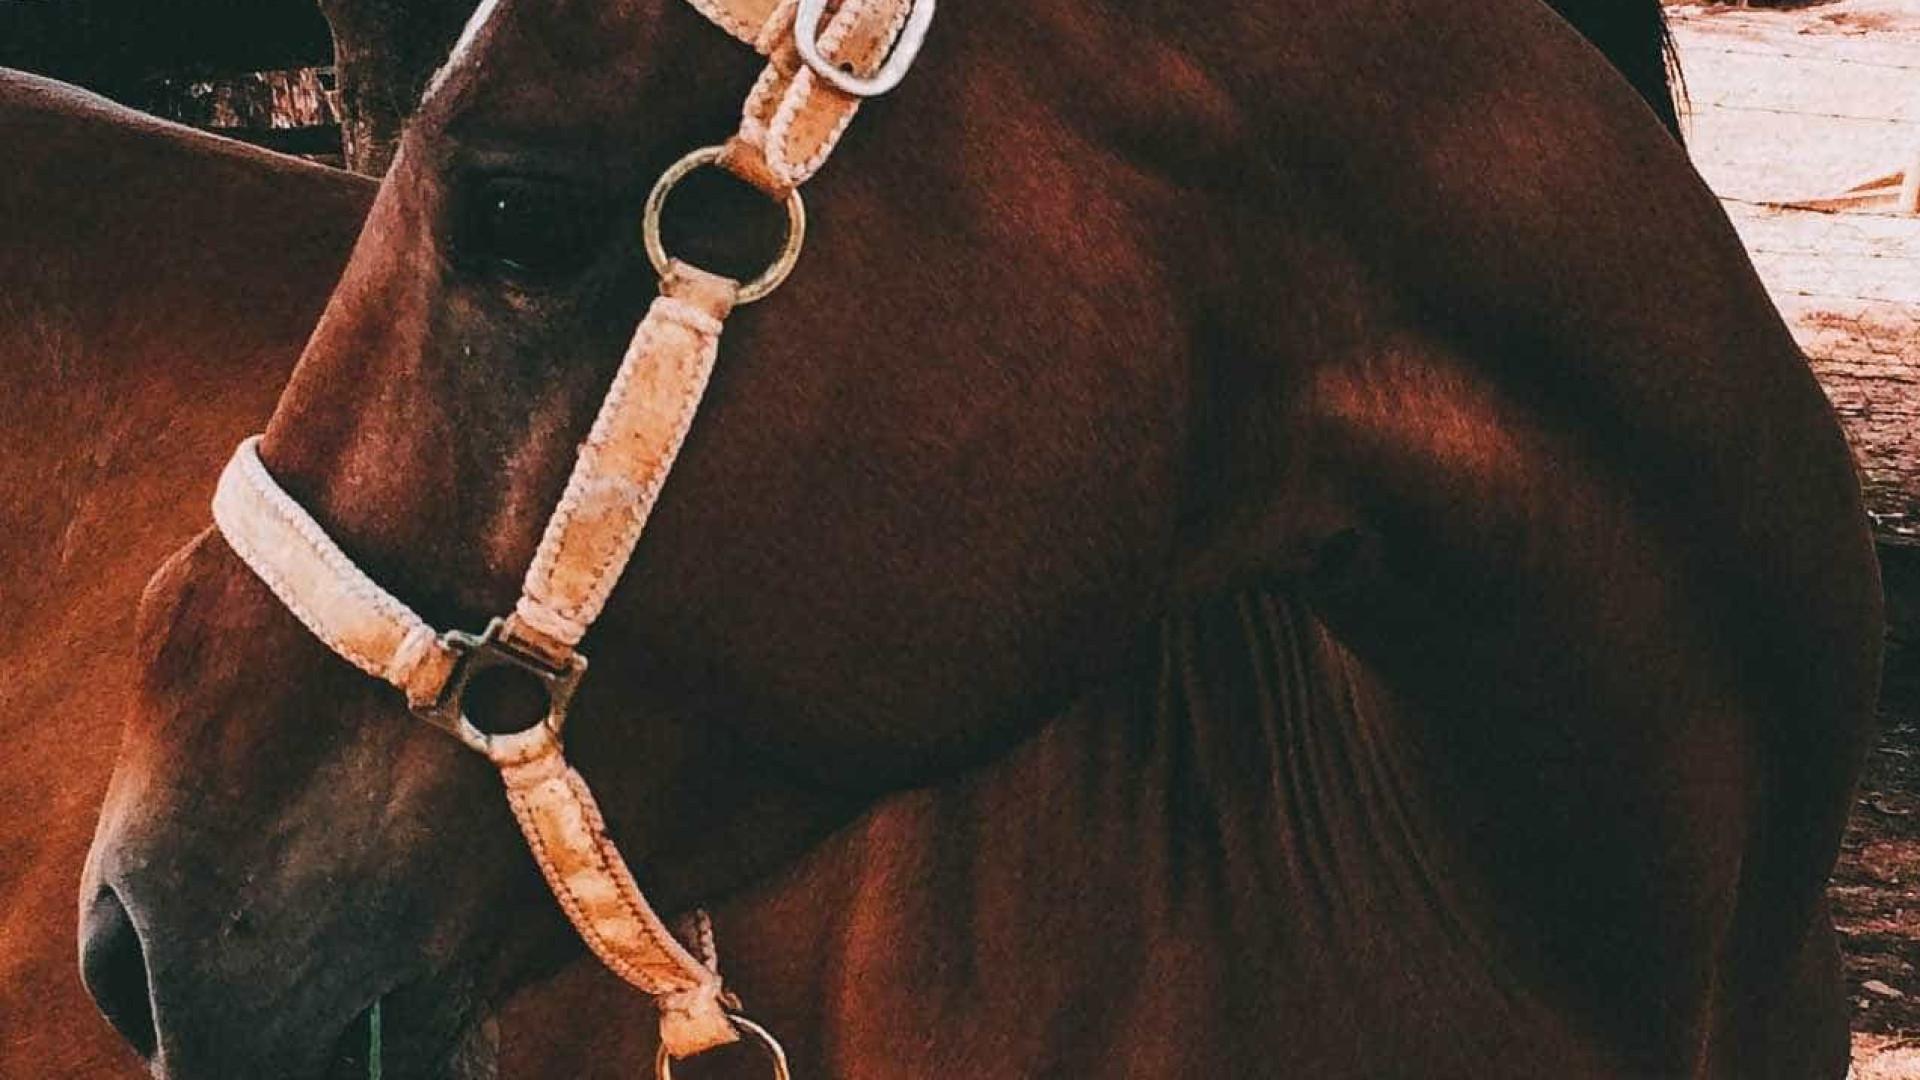 Cavalo é 'preso' após dar coice em carro: 'crime de dano'